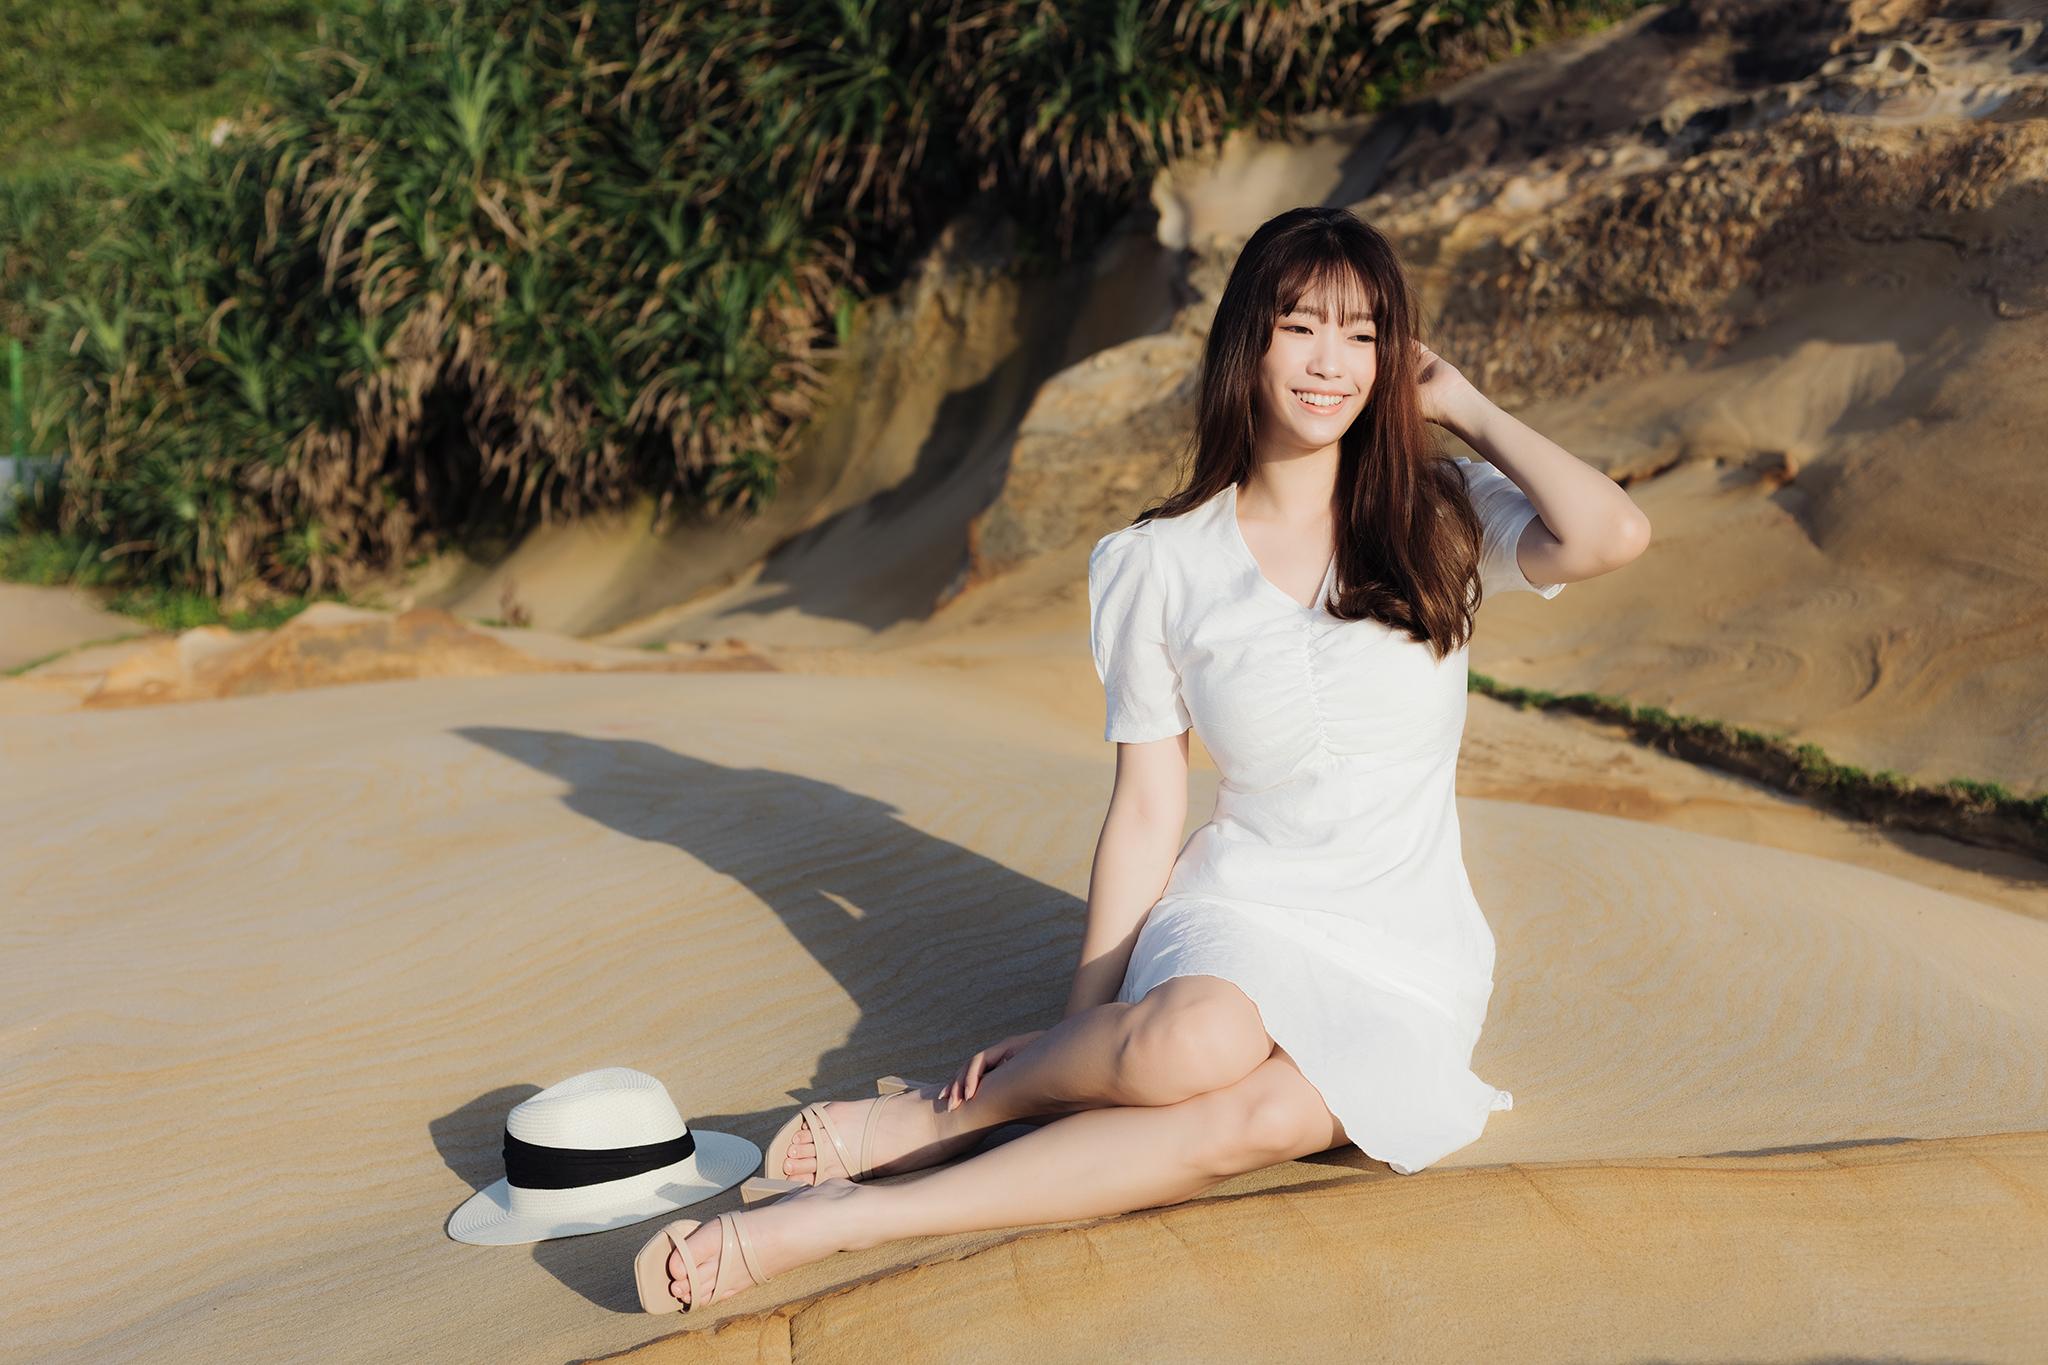 51244714946 f41859d1f2 o - 【夏季寫真】+江JIANG+